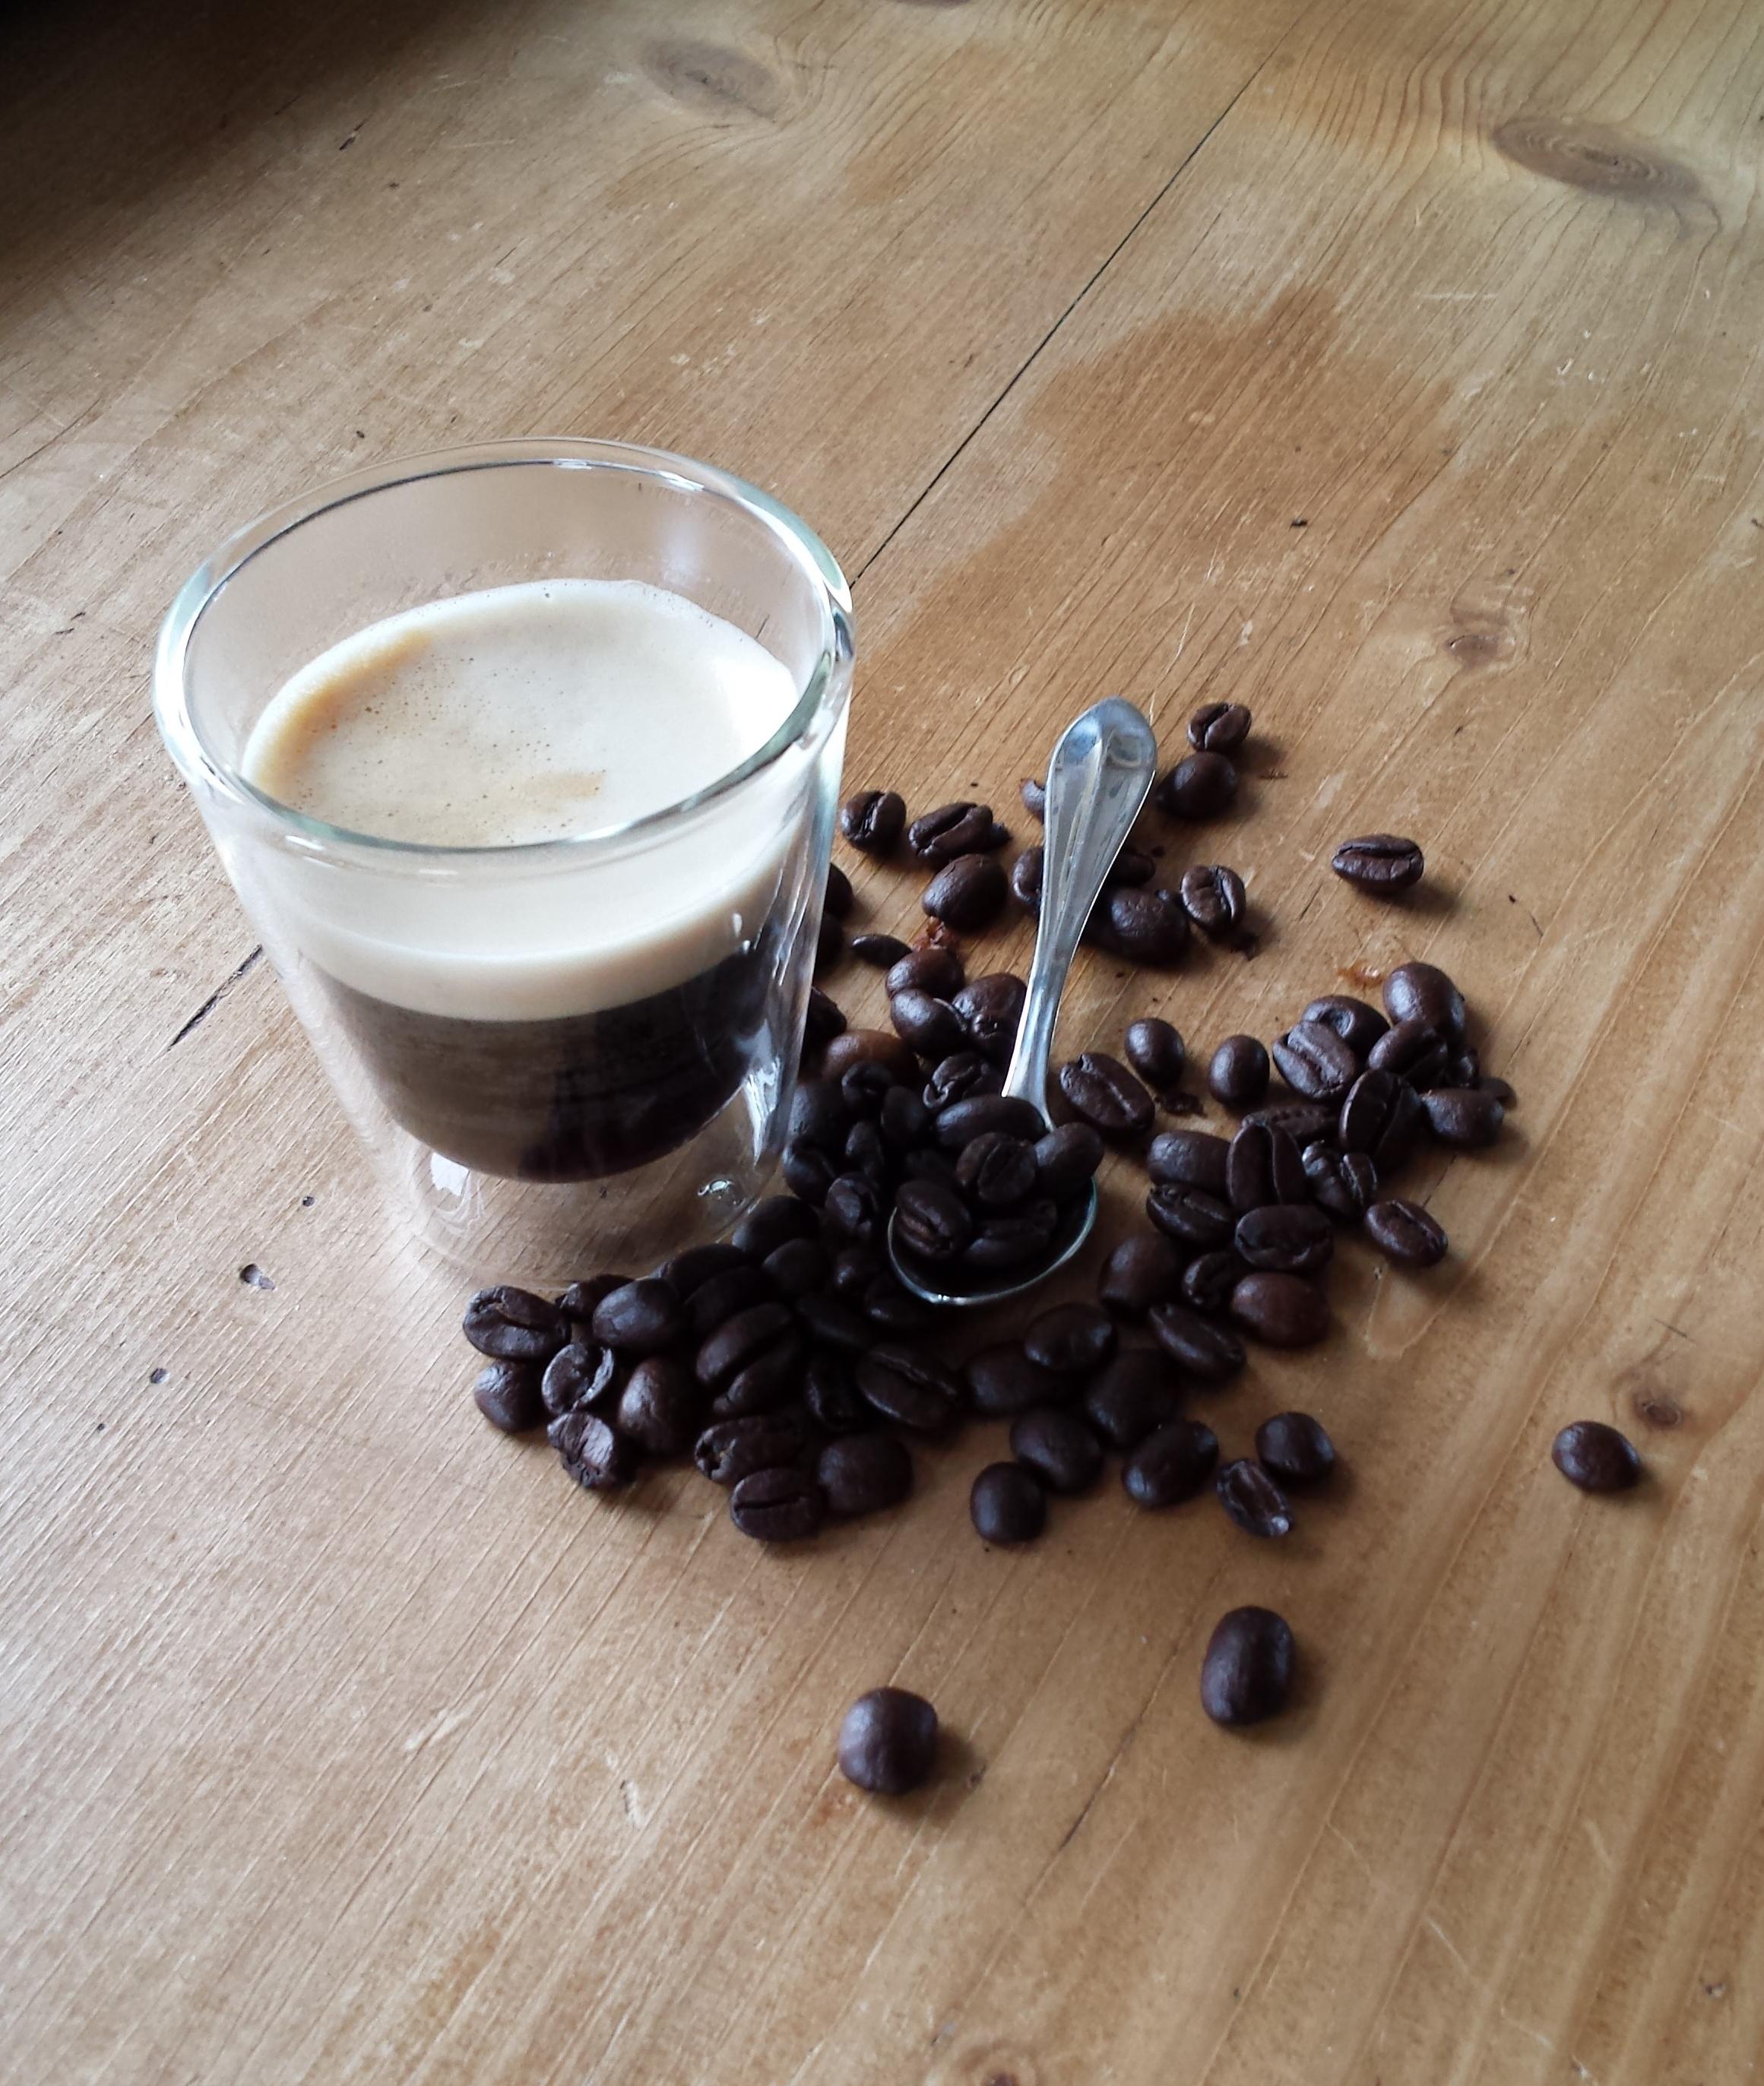 koffie bloedsuikerspiegel